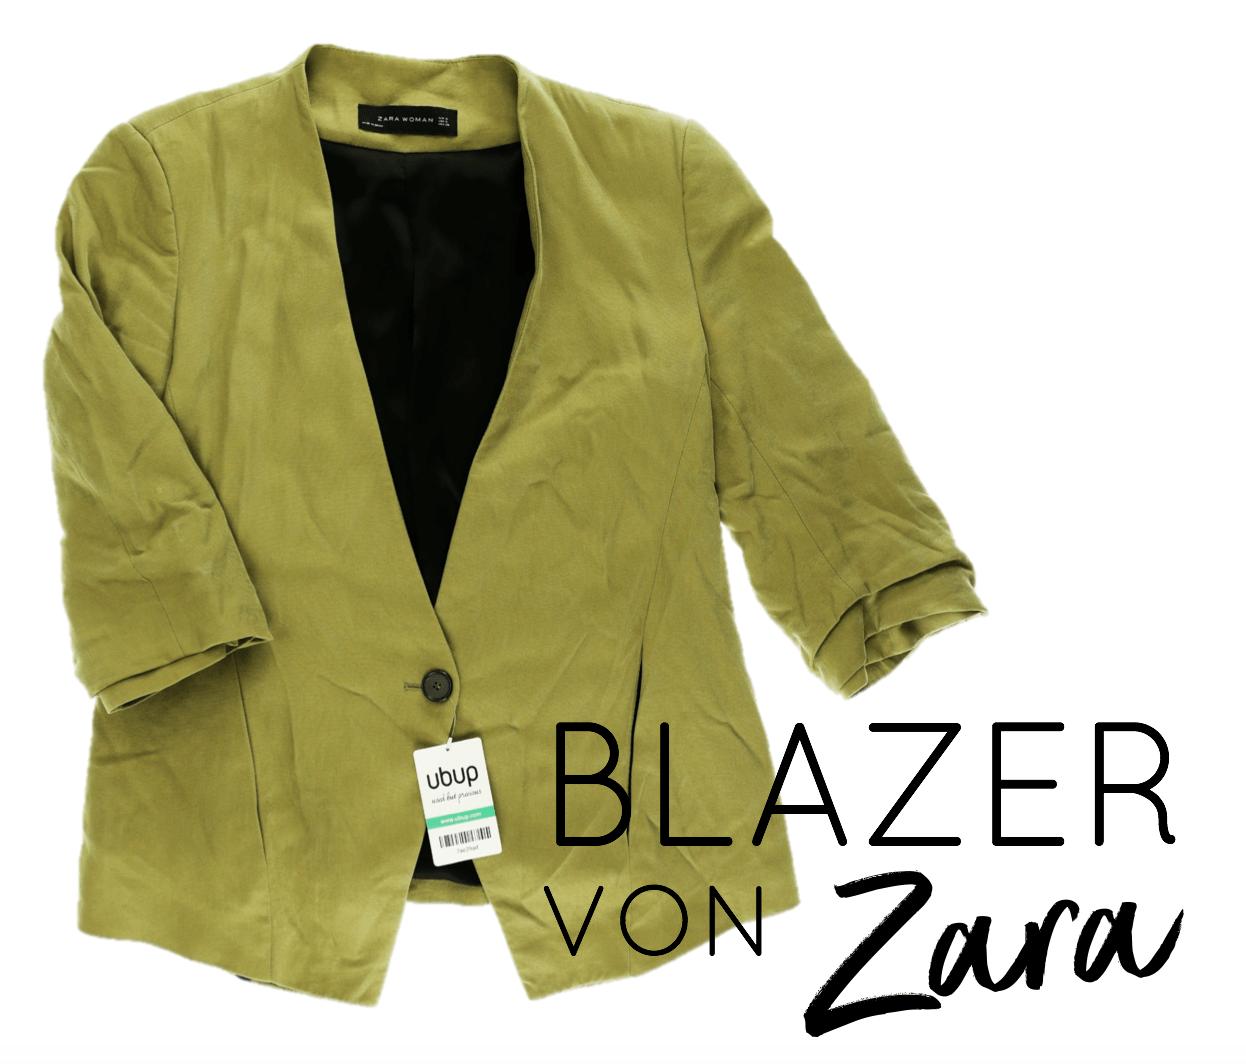 Second Hand Outfit des Monats Mai 2018 - Blazer